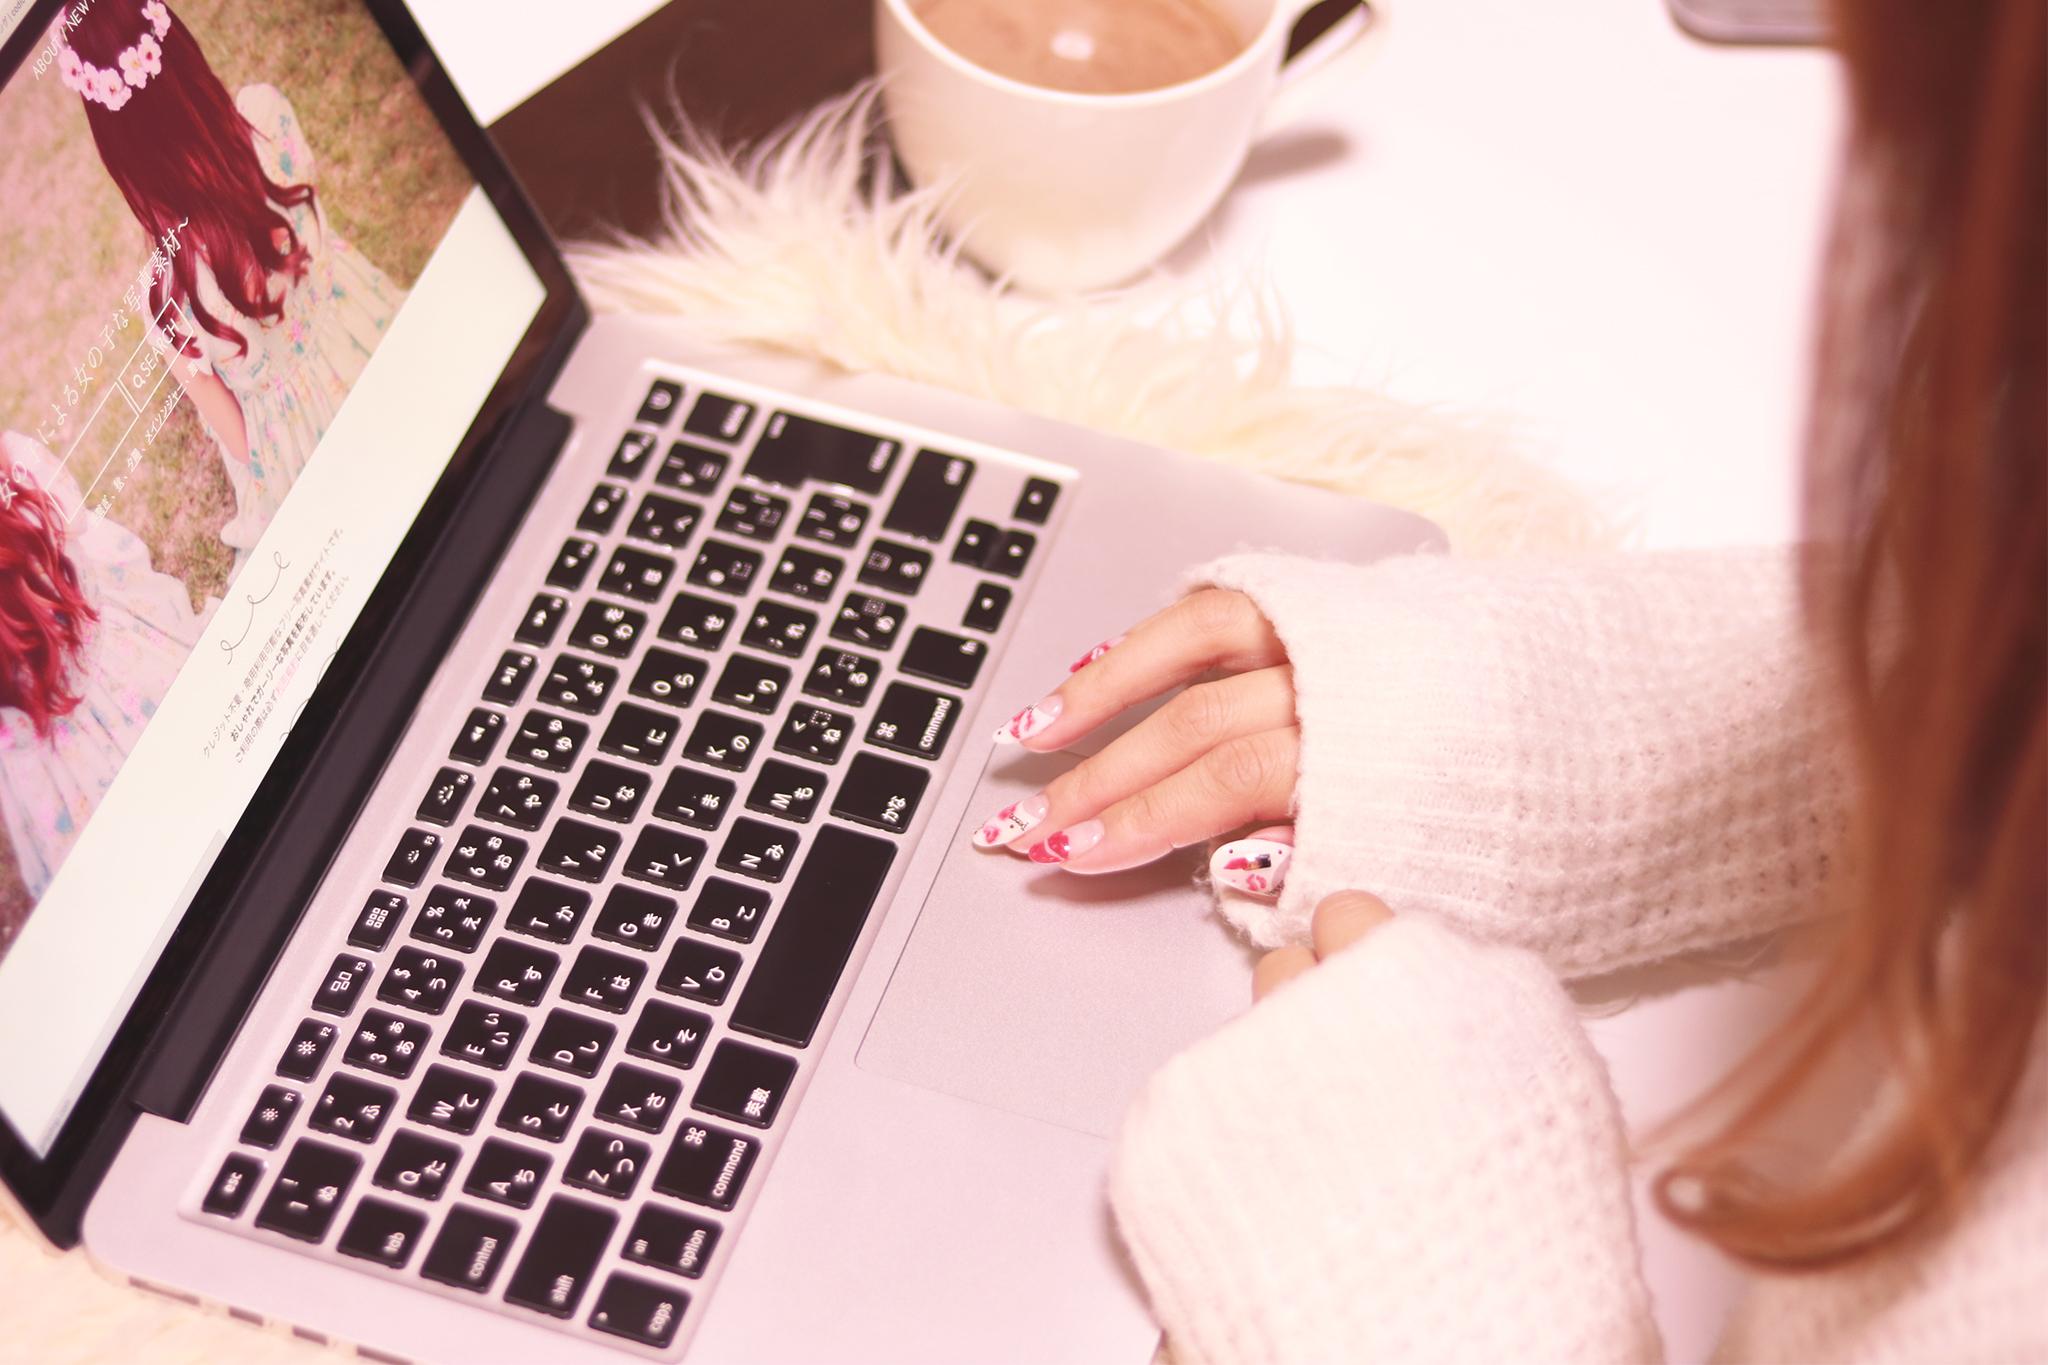 パソコンをいじっている女の子の画像